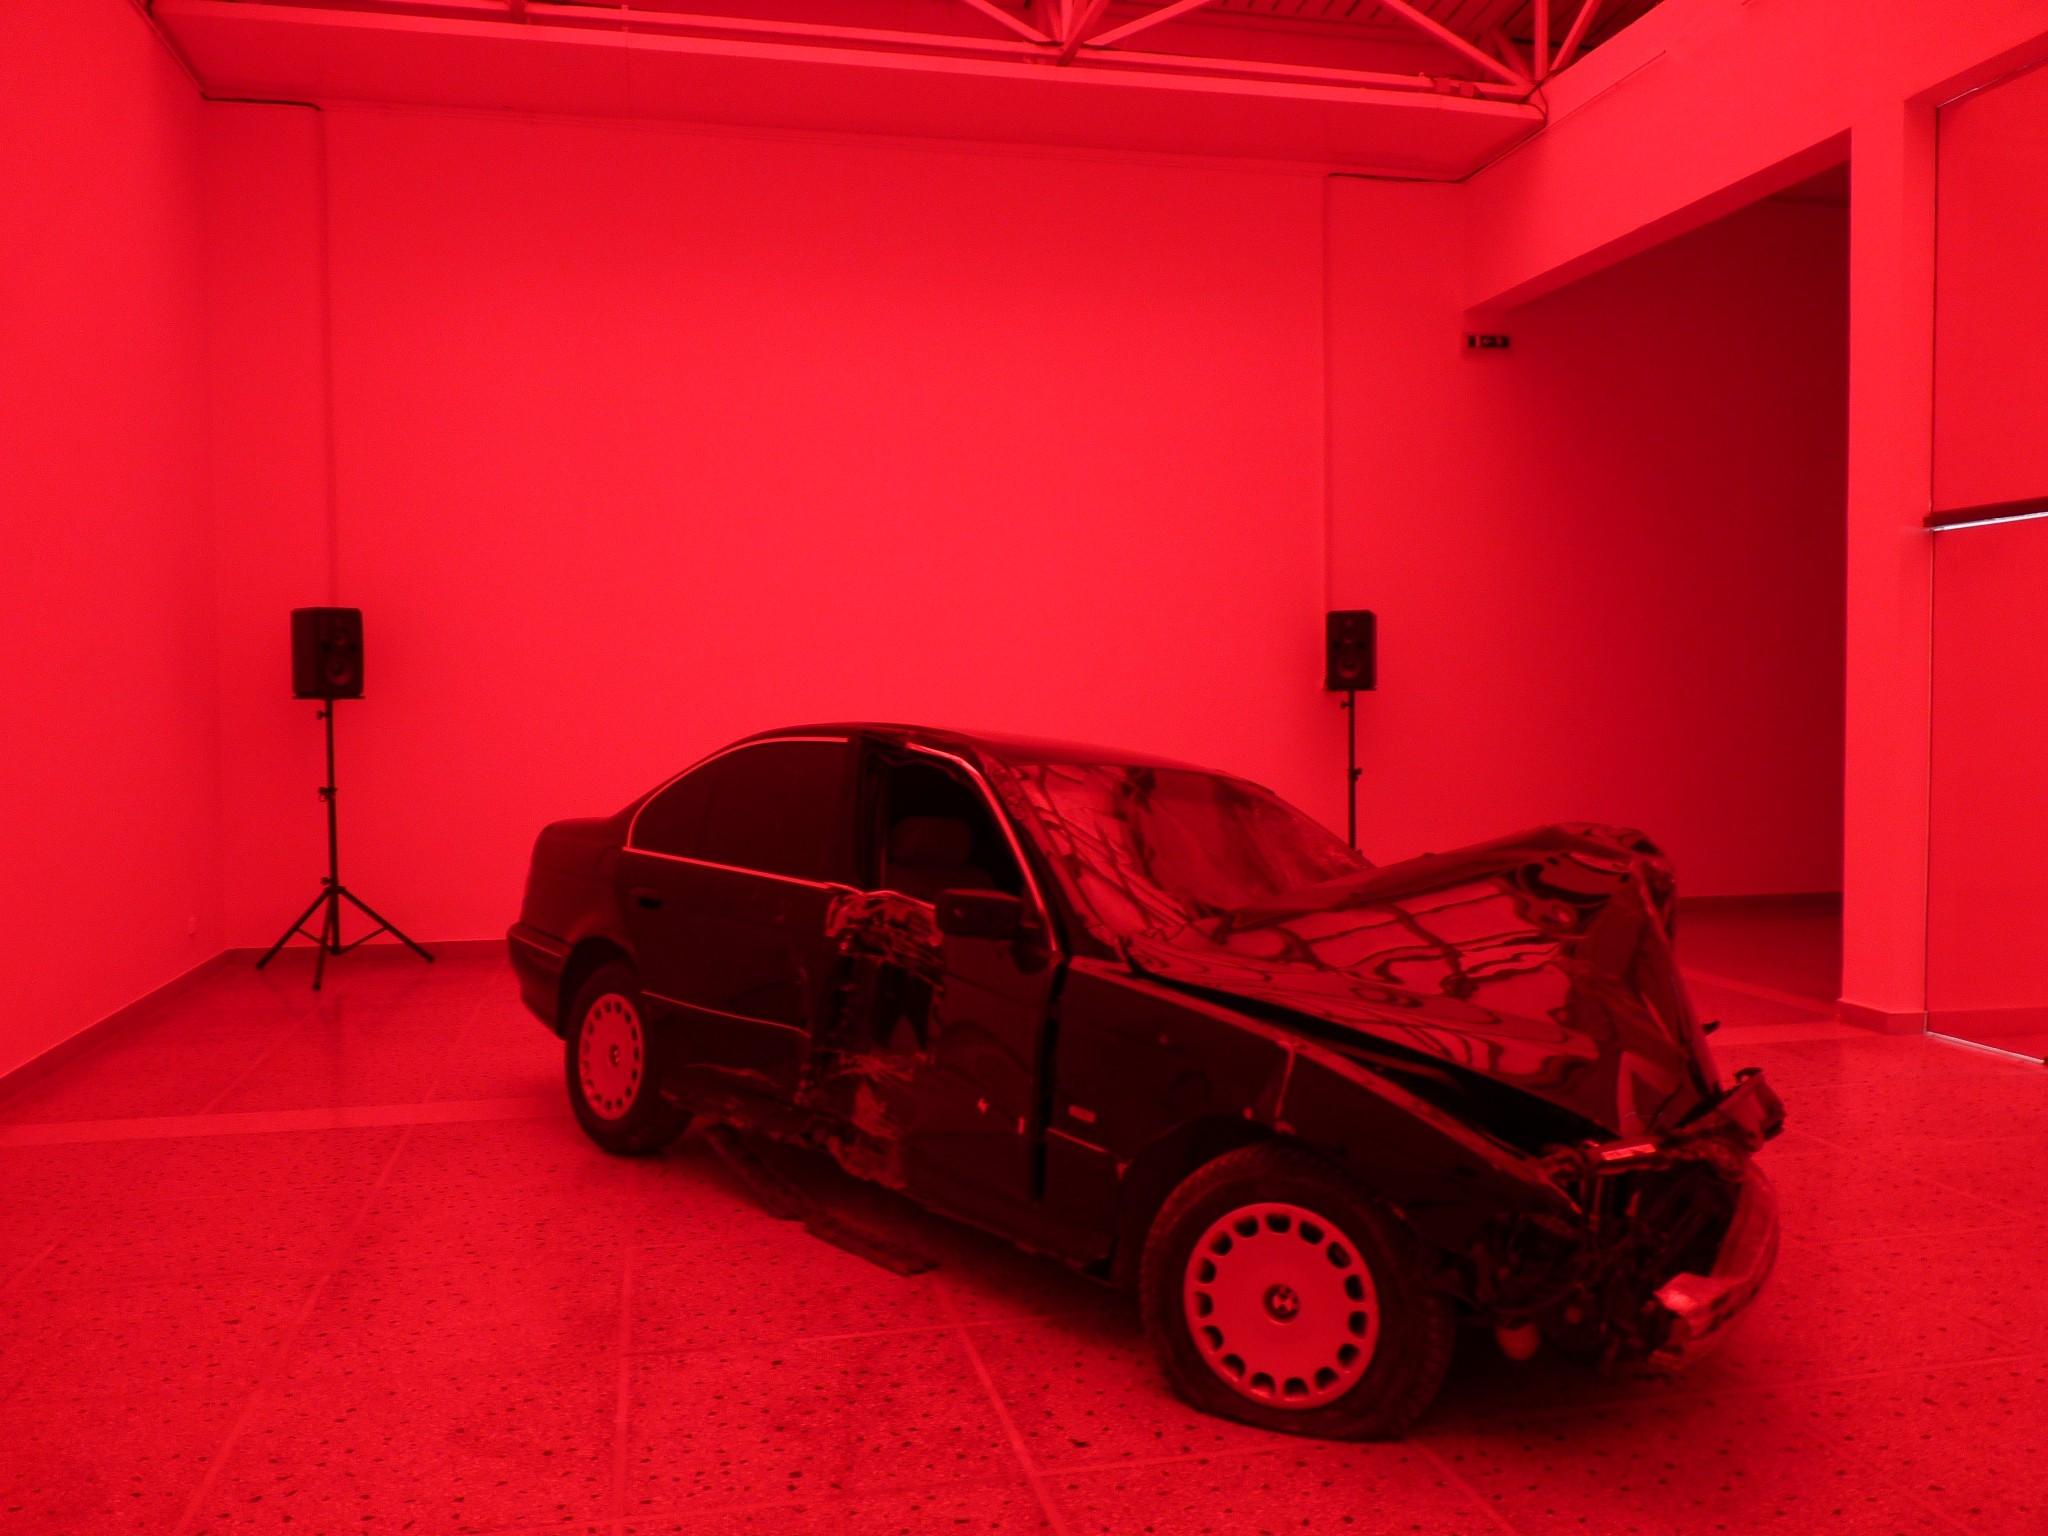 Crash, passive interview, installation, Pavillon hongrois, Venise